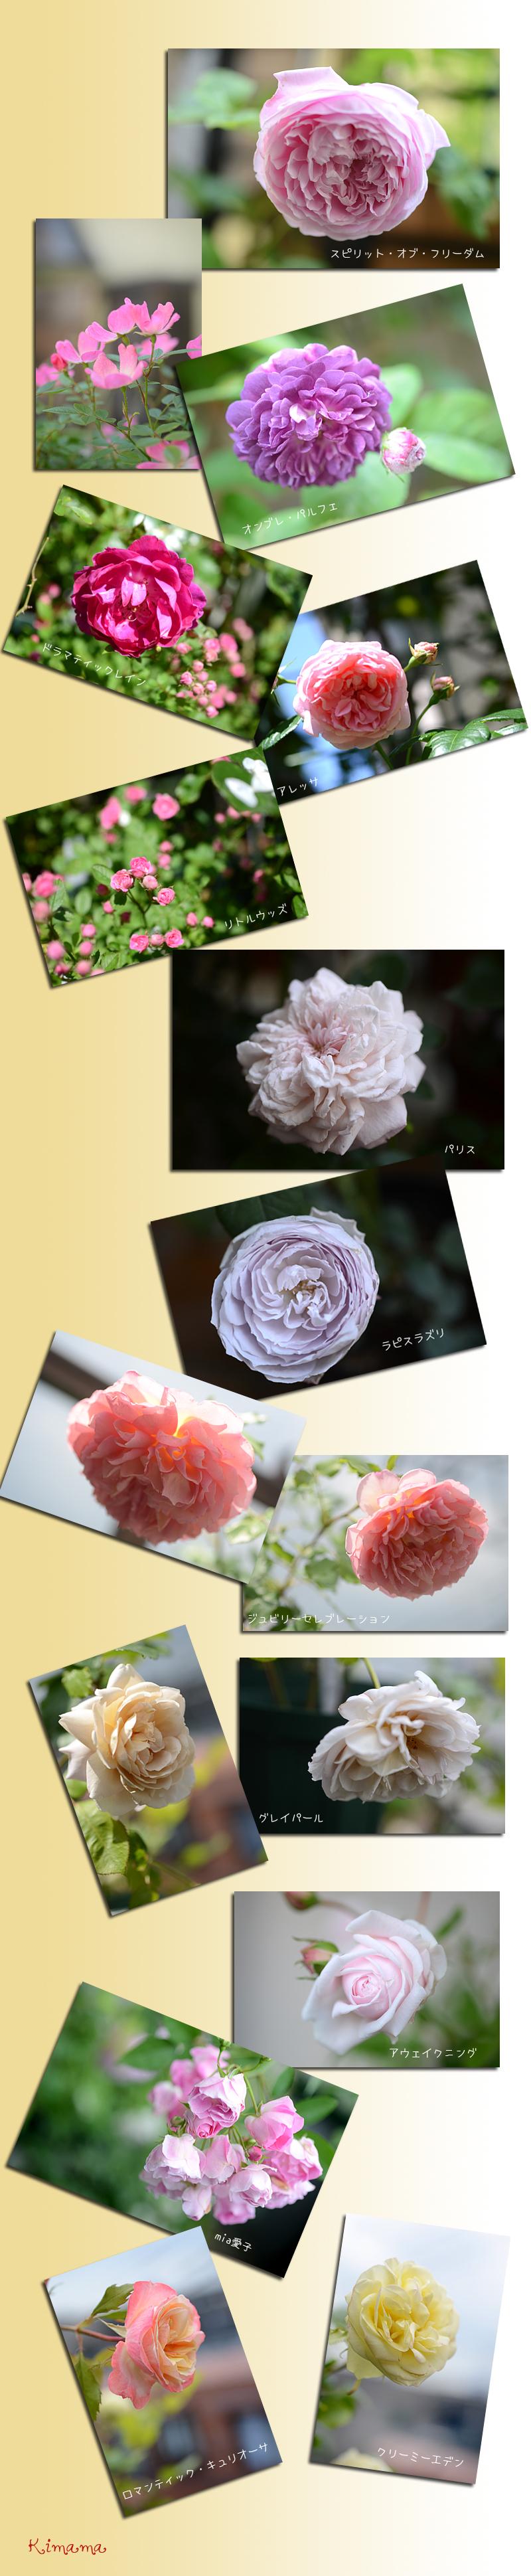 5月22日庭の薔薇3